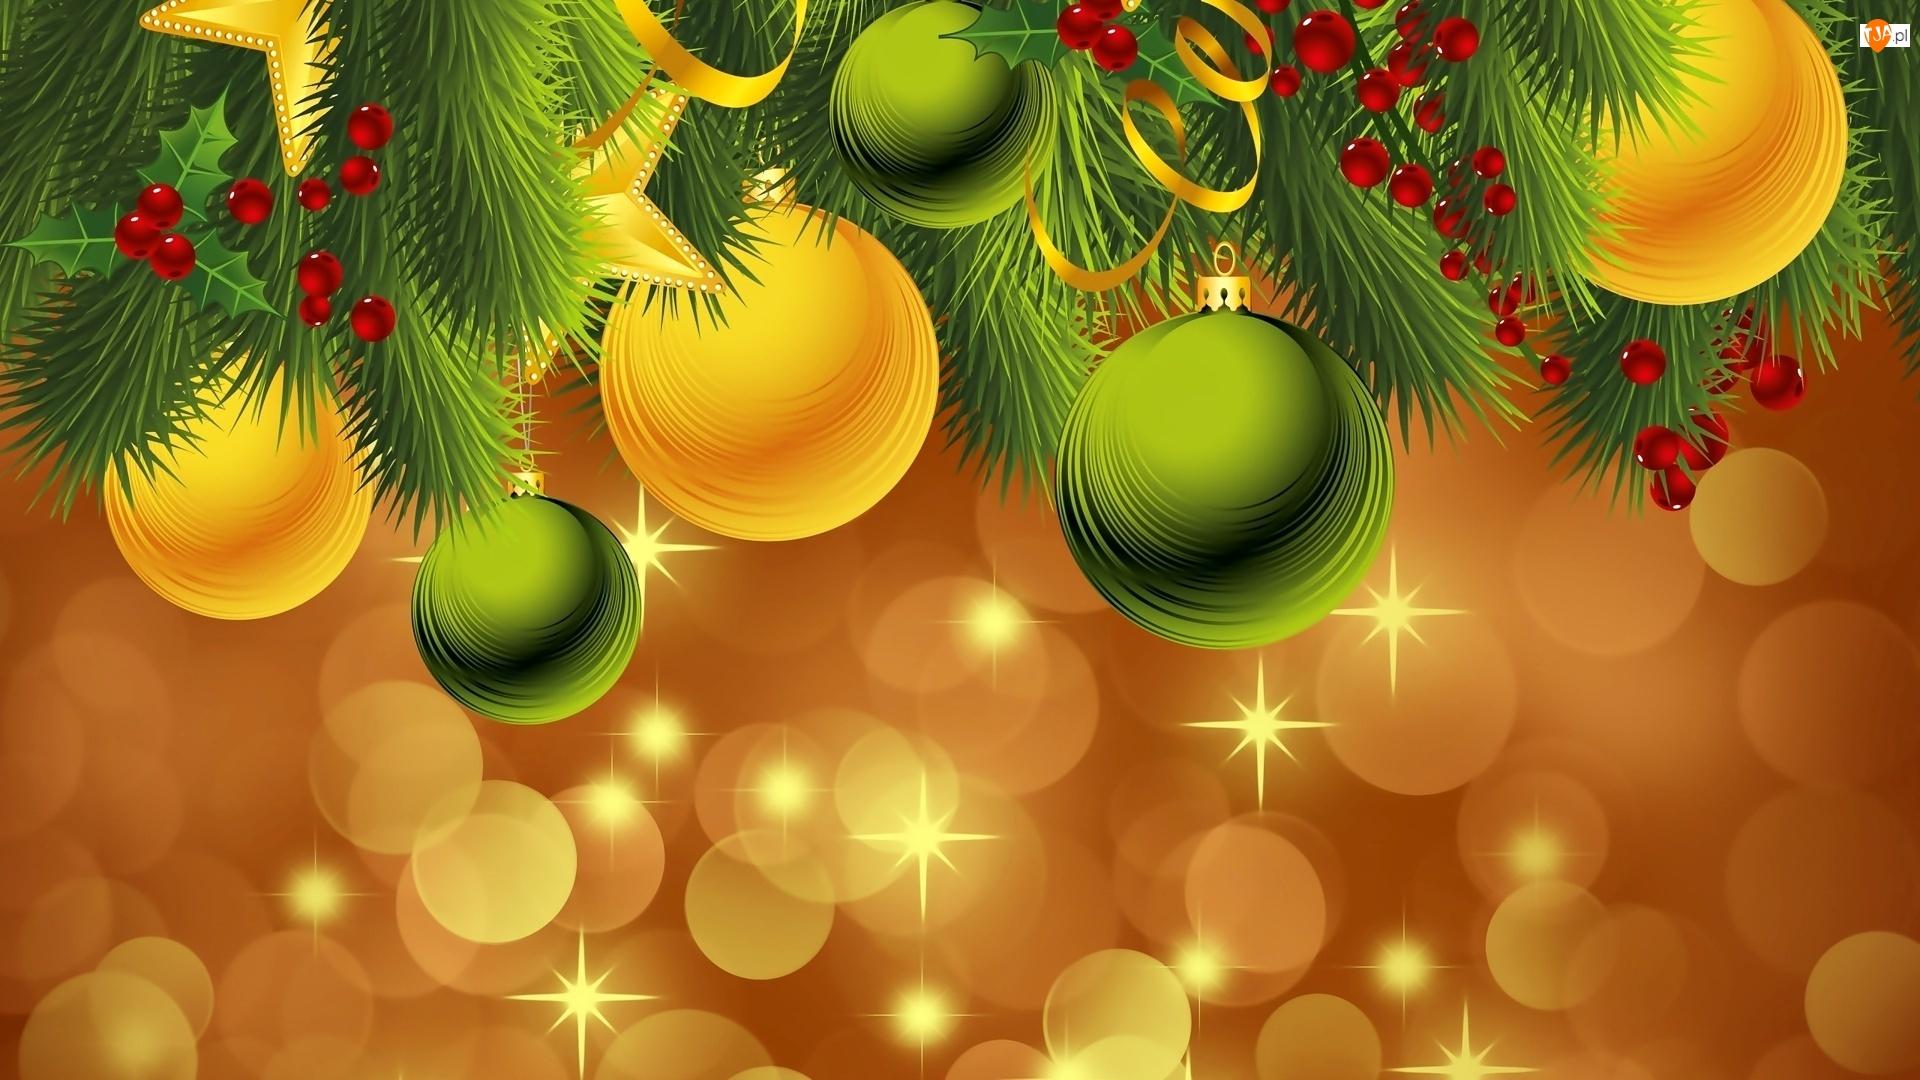 Boże Narodzenie, Dekoracja, Bombki, Gałązki